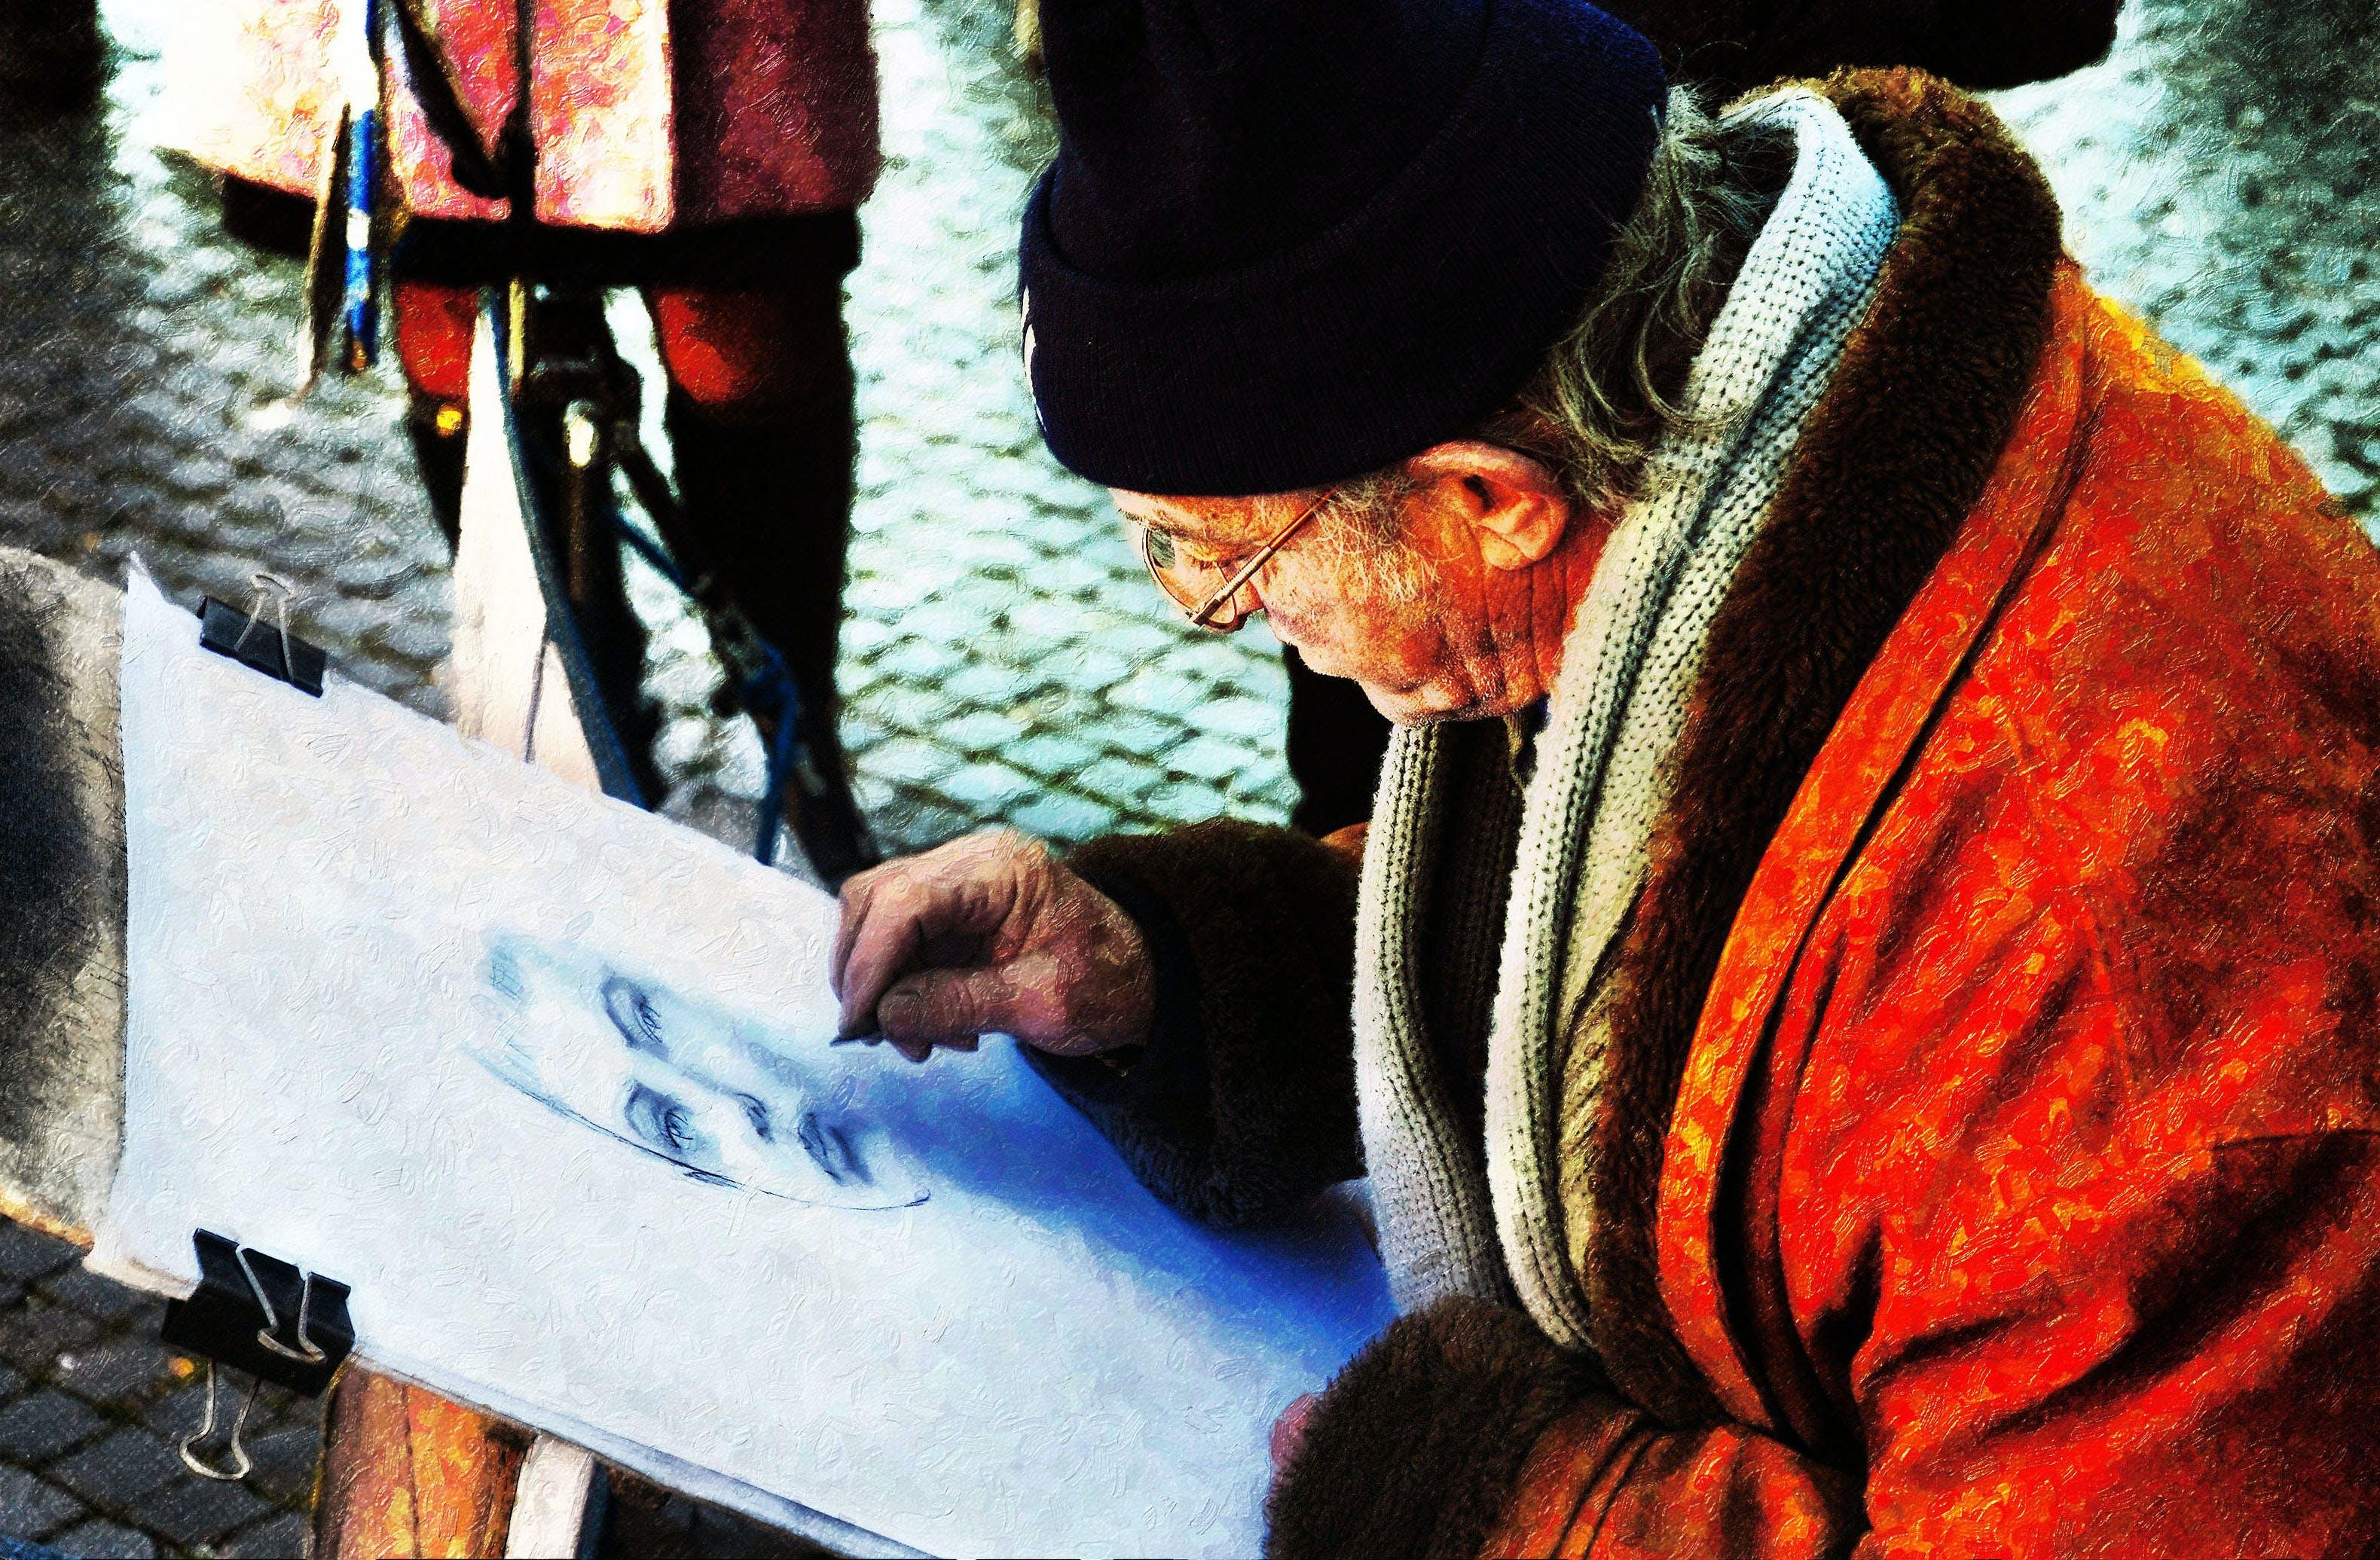 Δωρεάν στοκ φωτογραφιών με καλλιτέχνης του δρόμου